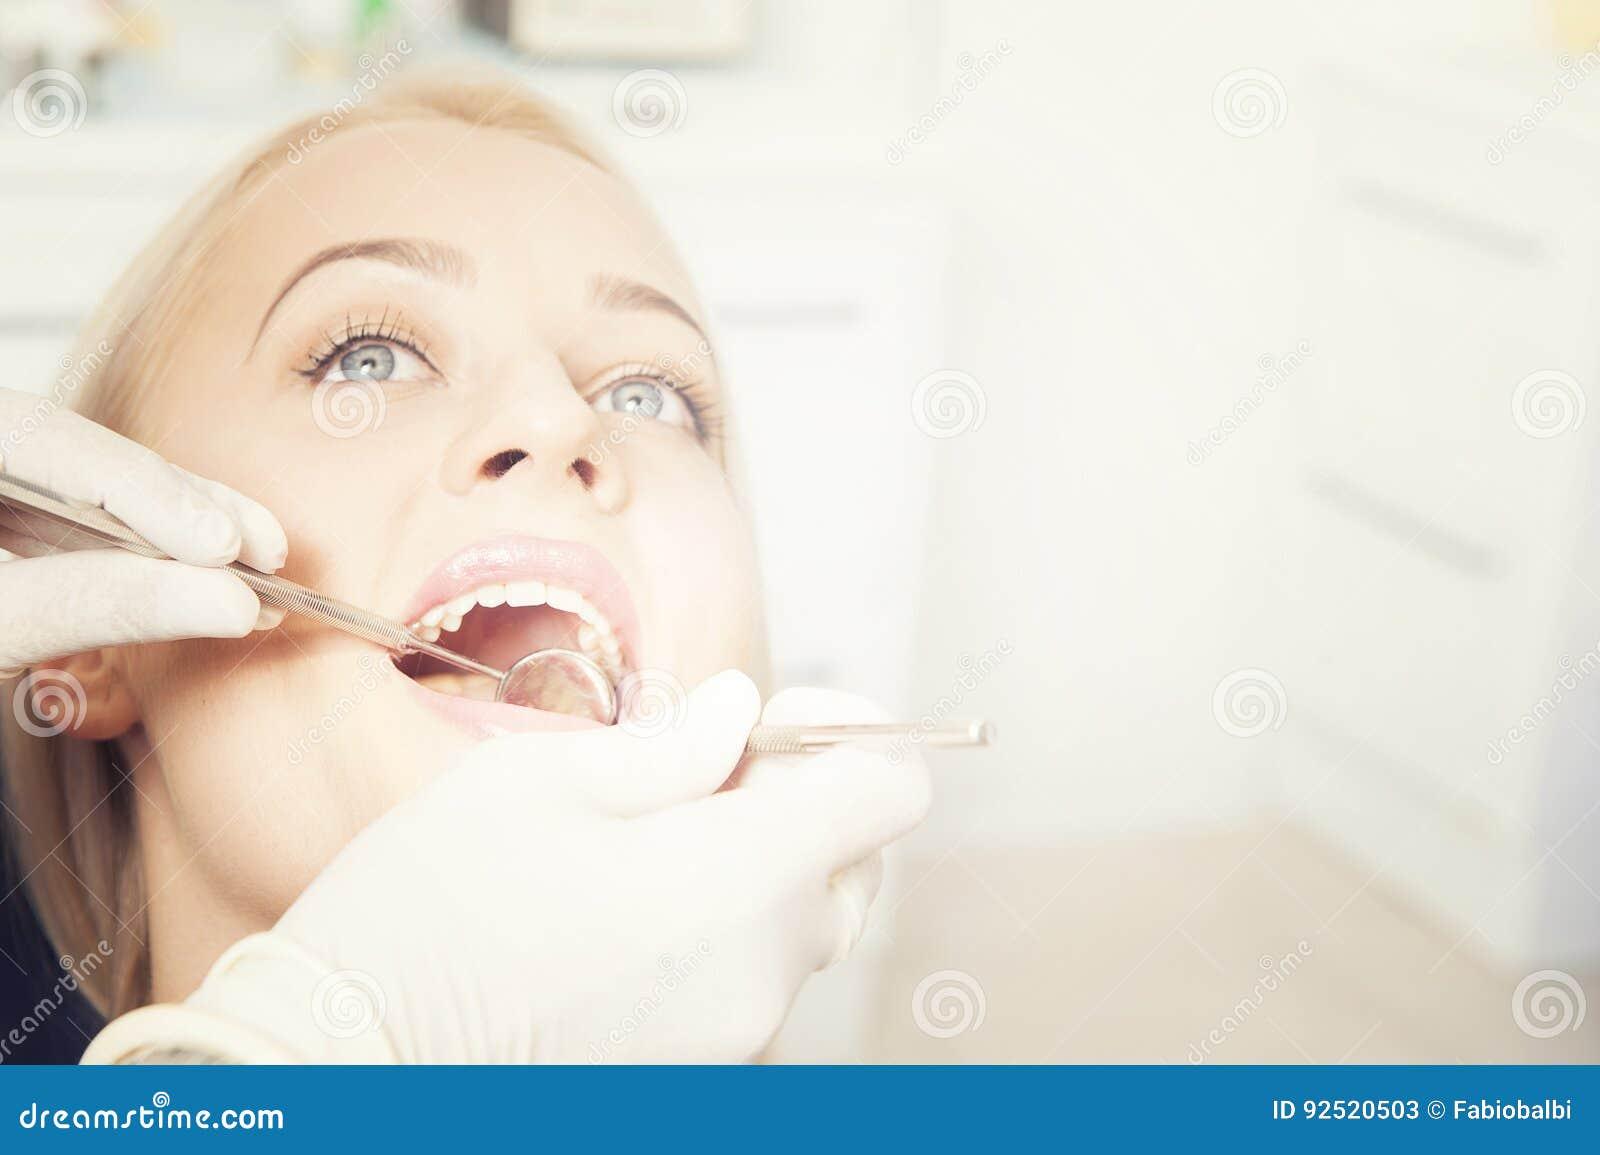 Cura dental